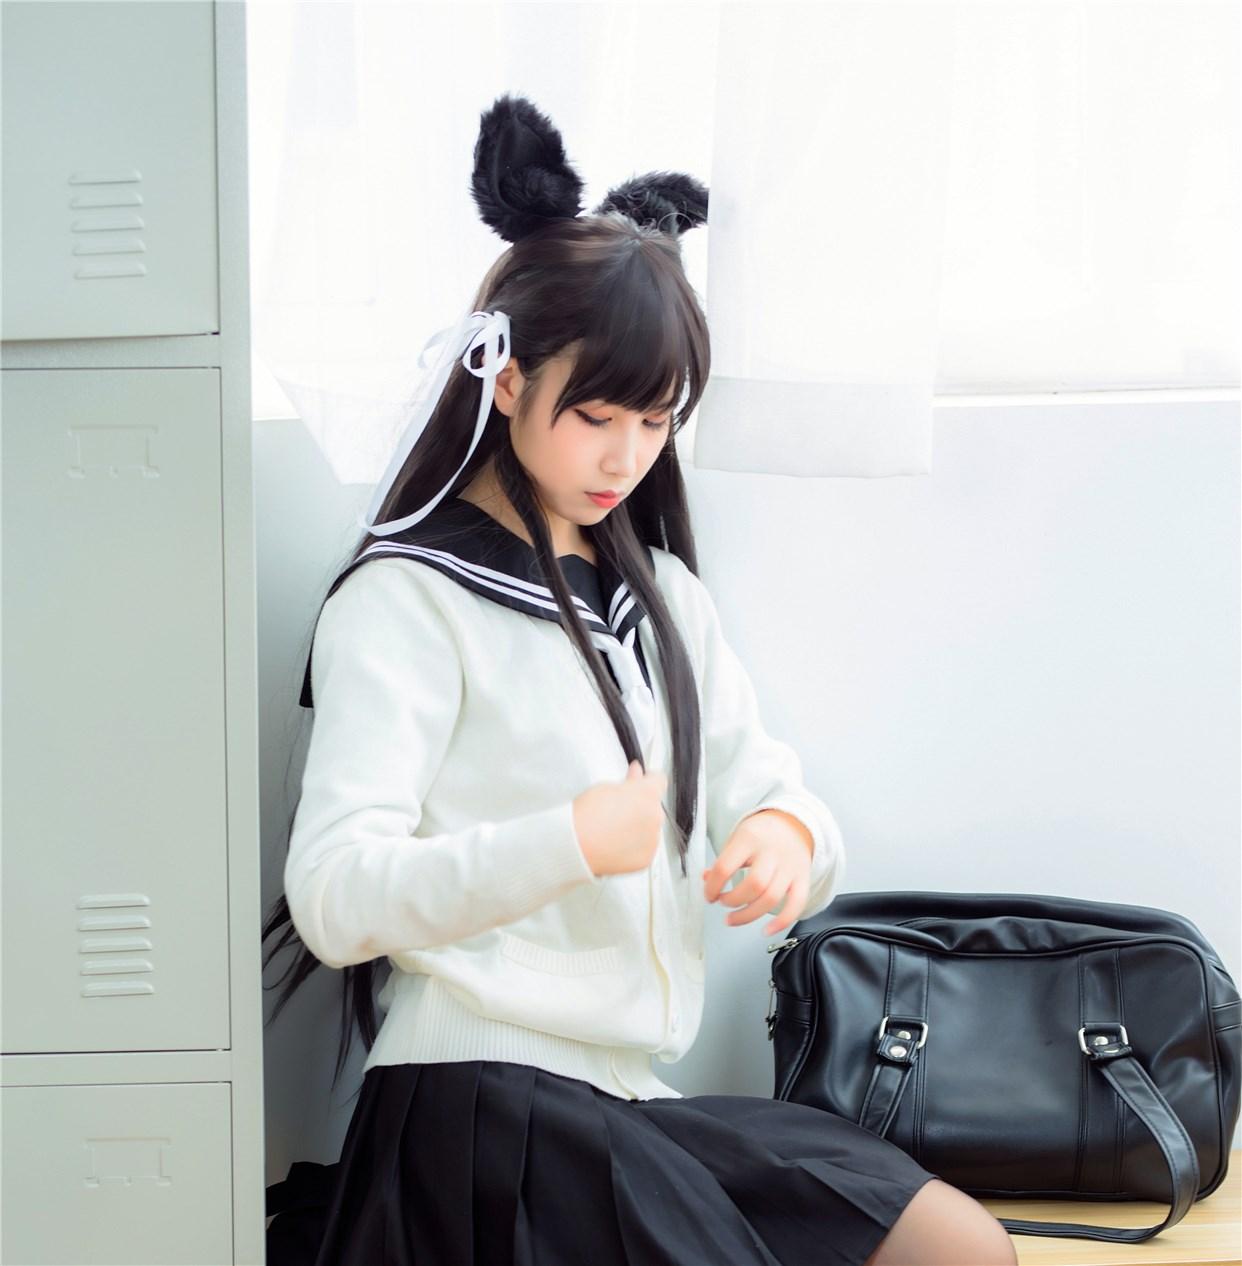 【兔玩映画】可萌可御的兽耳娘 兔玩映画 第23张